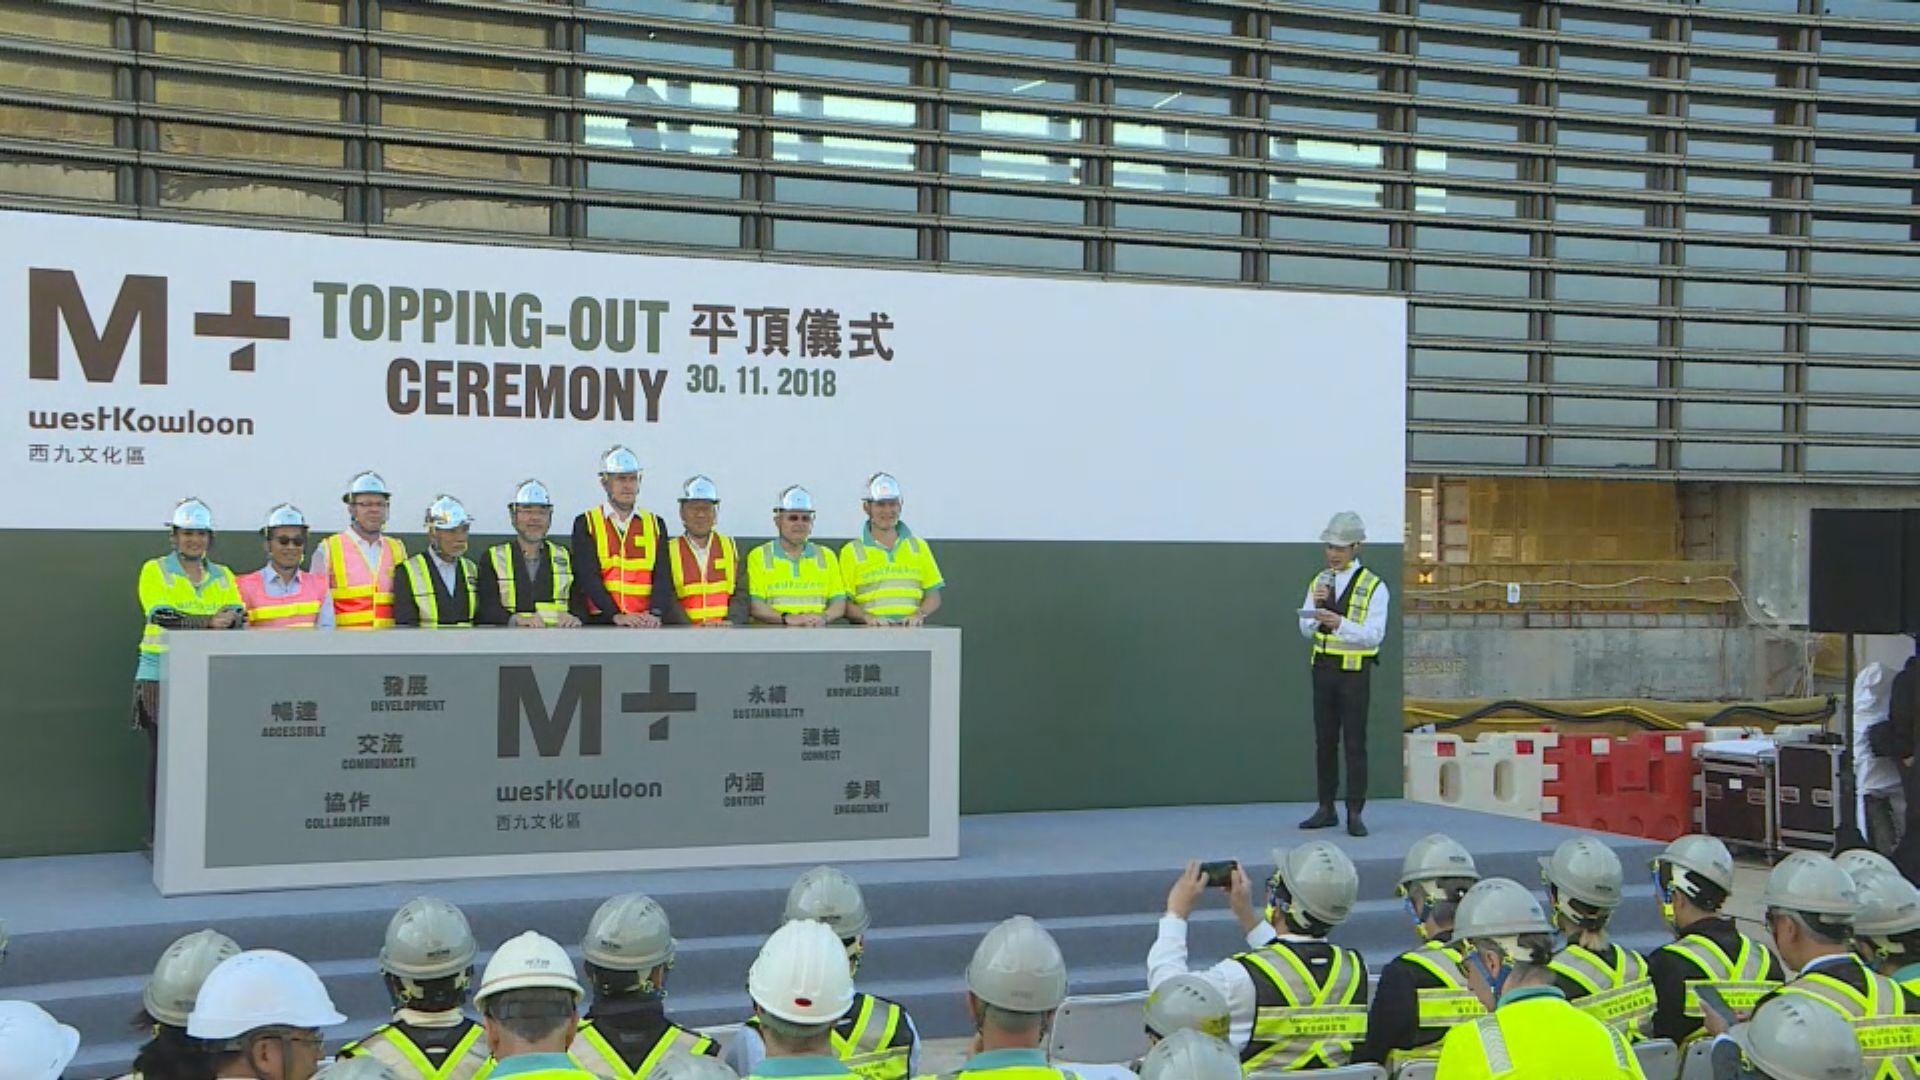 M+大樓舉行平頂儀式預計2020年開幕